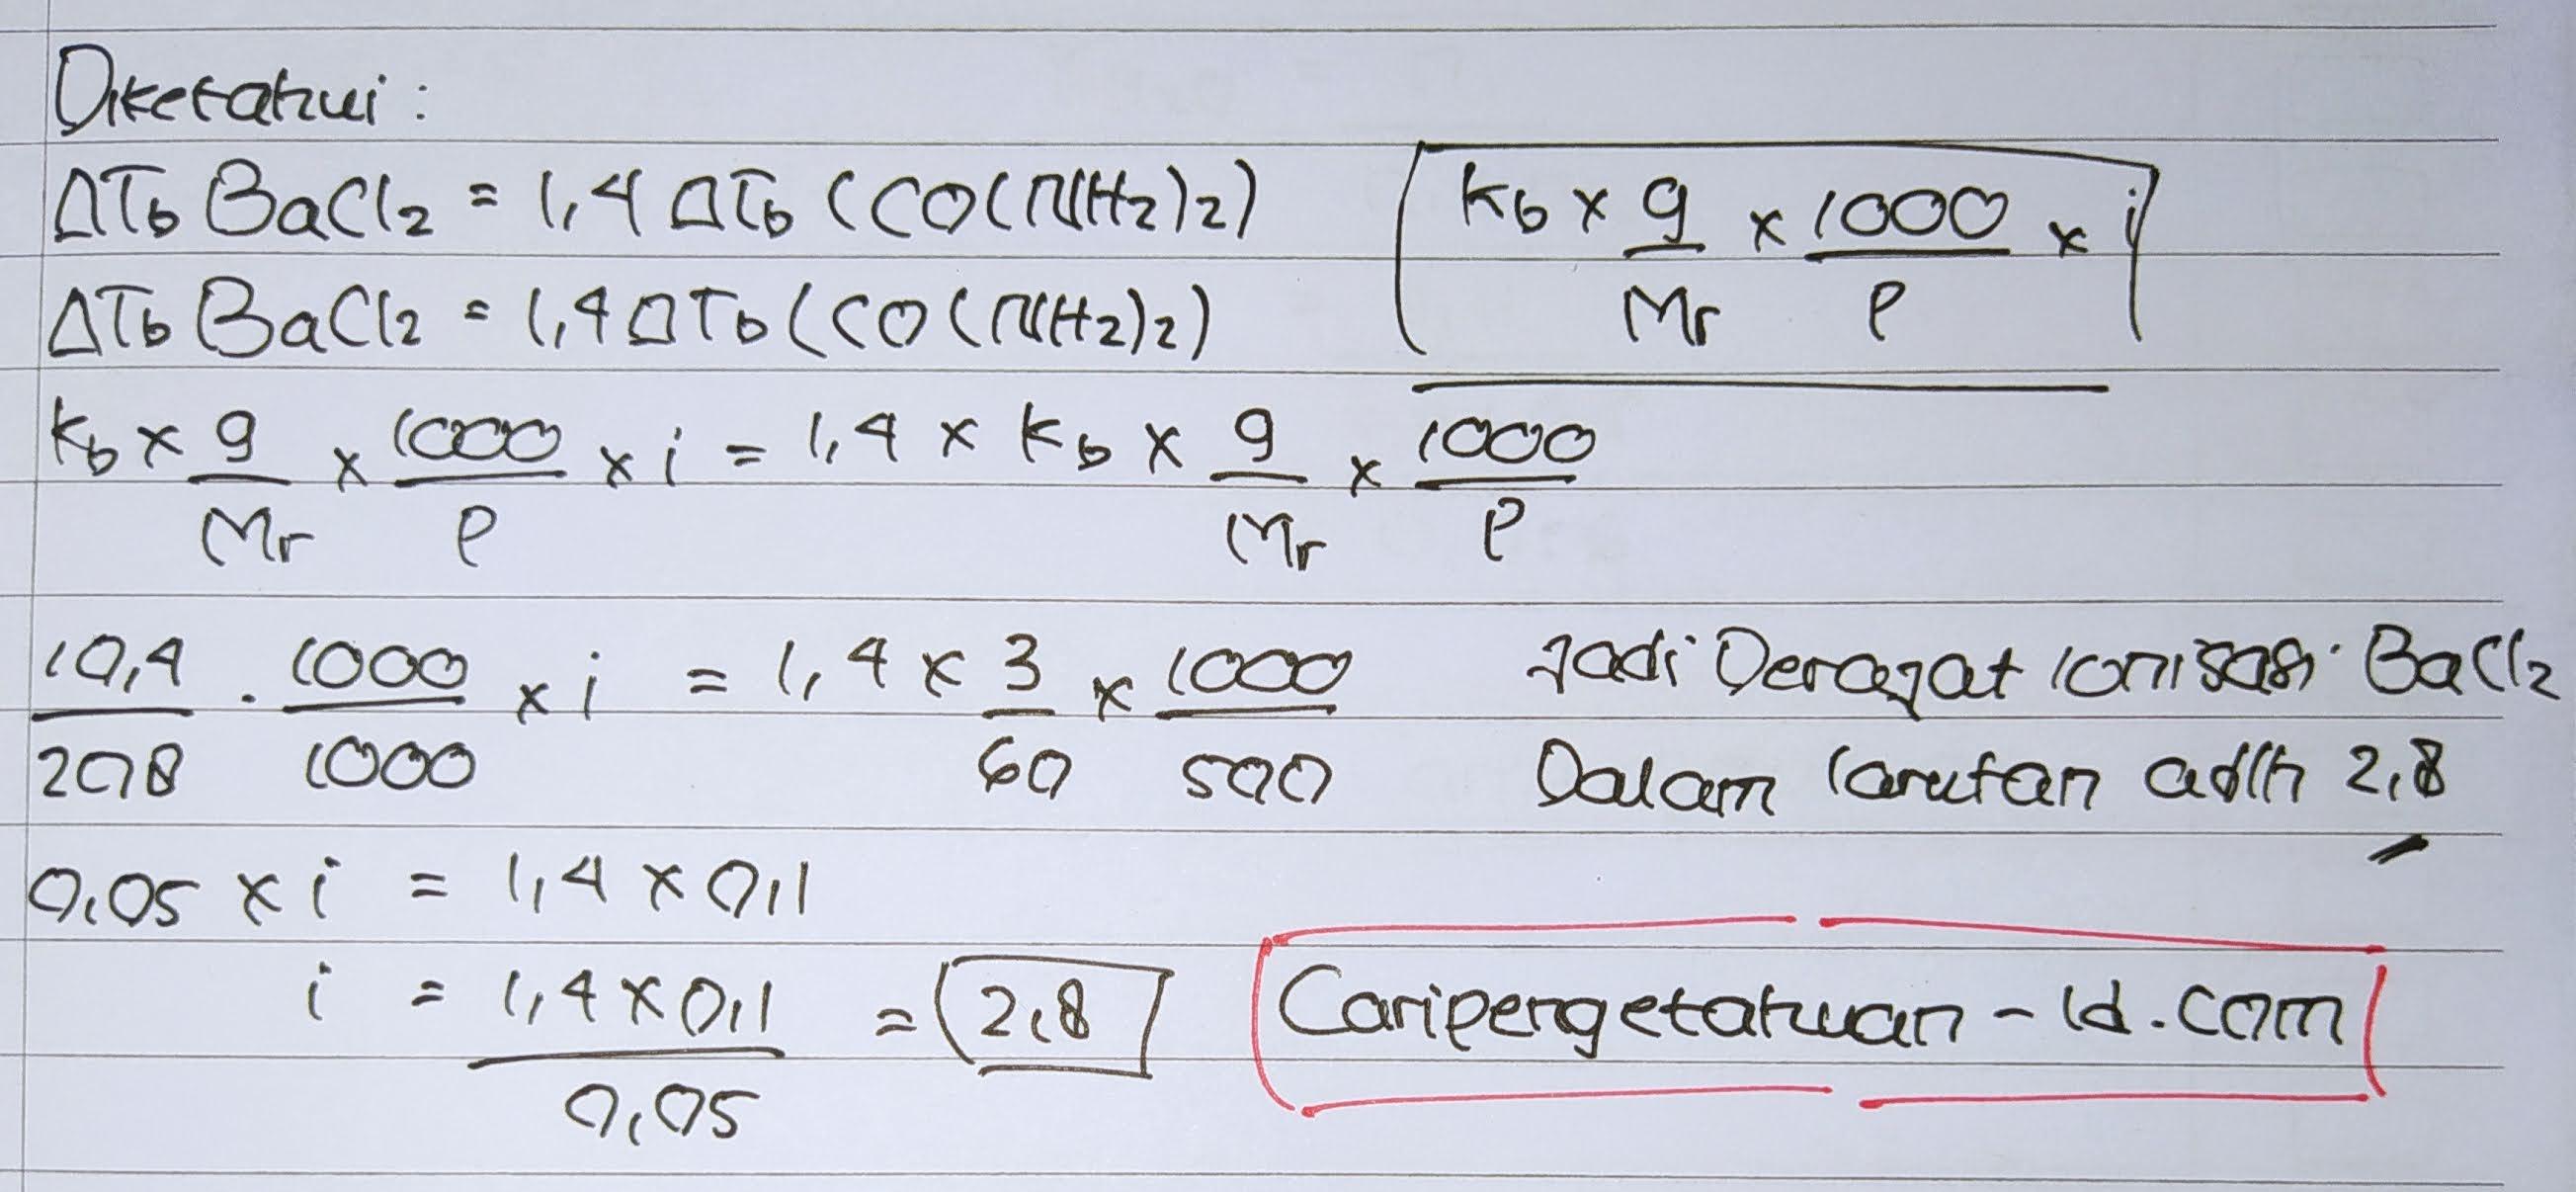 10,4 gram BaCl2 yang dilarutkan dalam 1000 gram air ternyata mempunyai kenaikan titik didih 1,4 kali kenaikan titik didih 3 gram urea (CO(NH2)2) yang dilarutkan dalam 500 gram air. Derajat ionisasi BaCl2 dalam larutan adalah …. (Mr BaCl = 208, urea = 60)